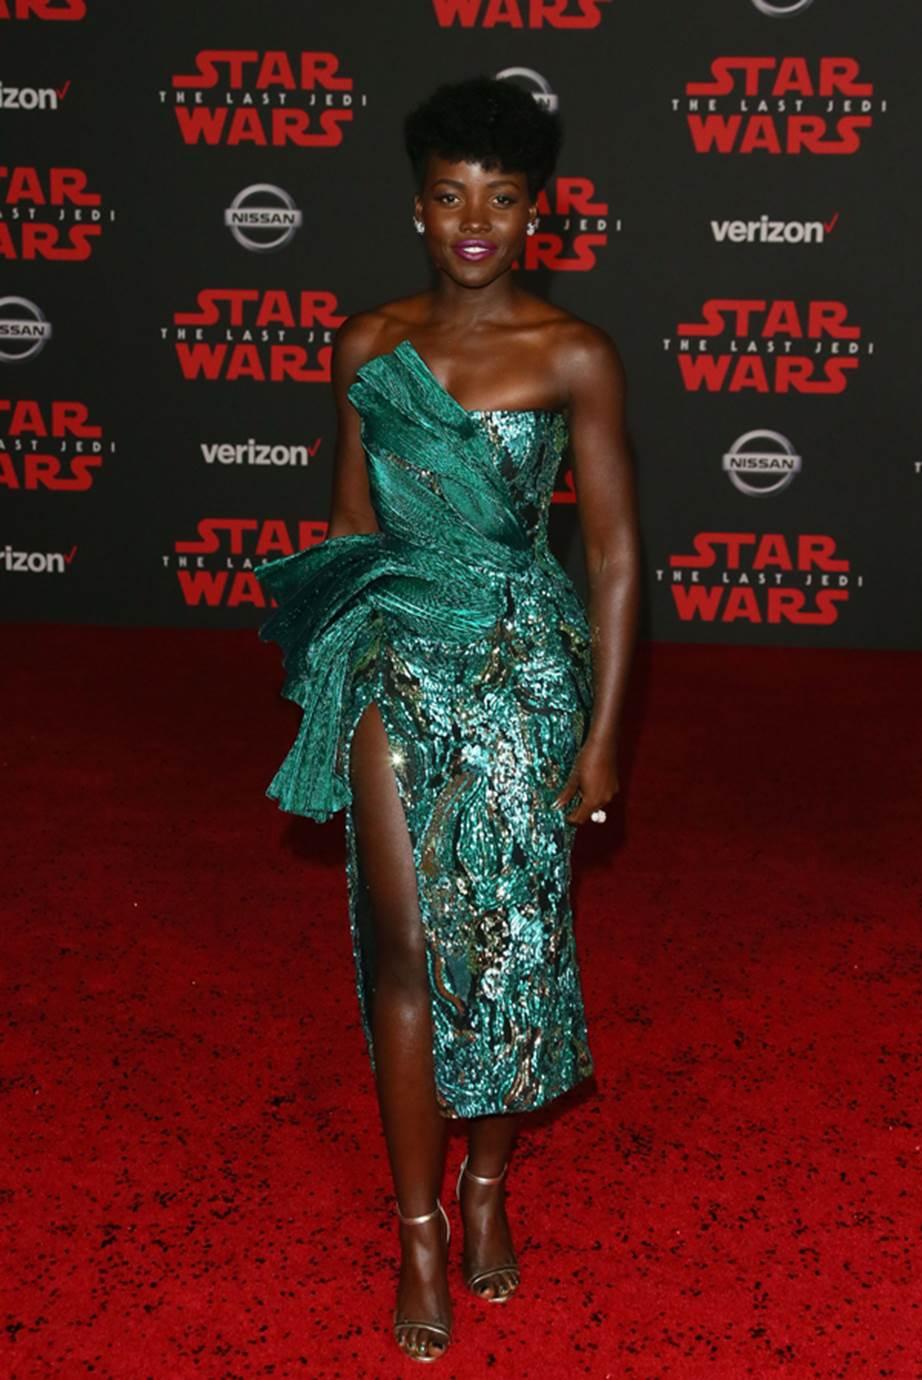 Nữ diễn viên Lupita Nyong'o tỏa sáng với thiết kế màu xanh lá đính sequin bắt mắt từ nhà mốt Halpern.